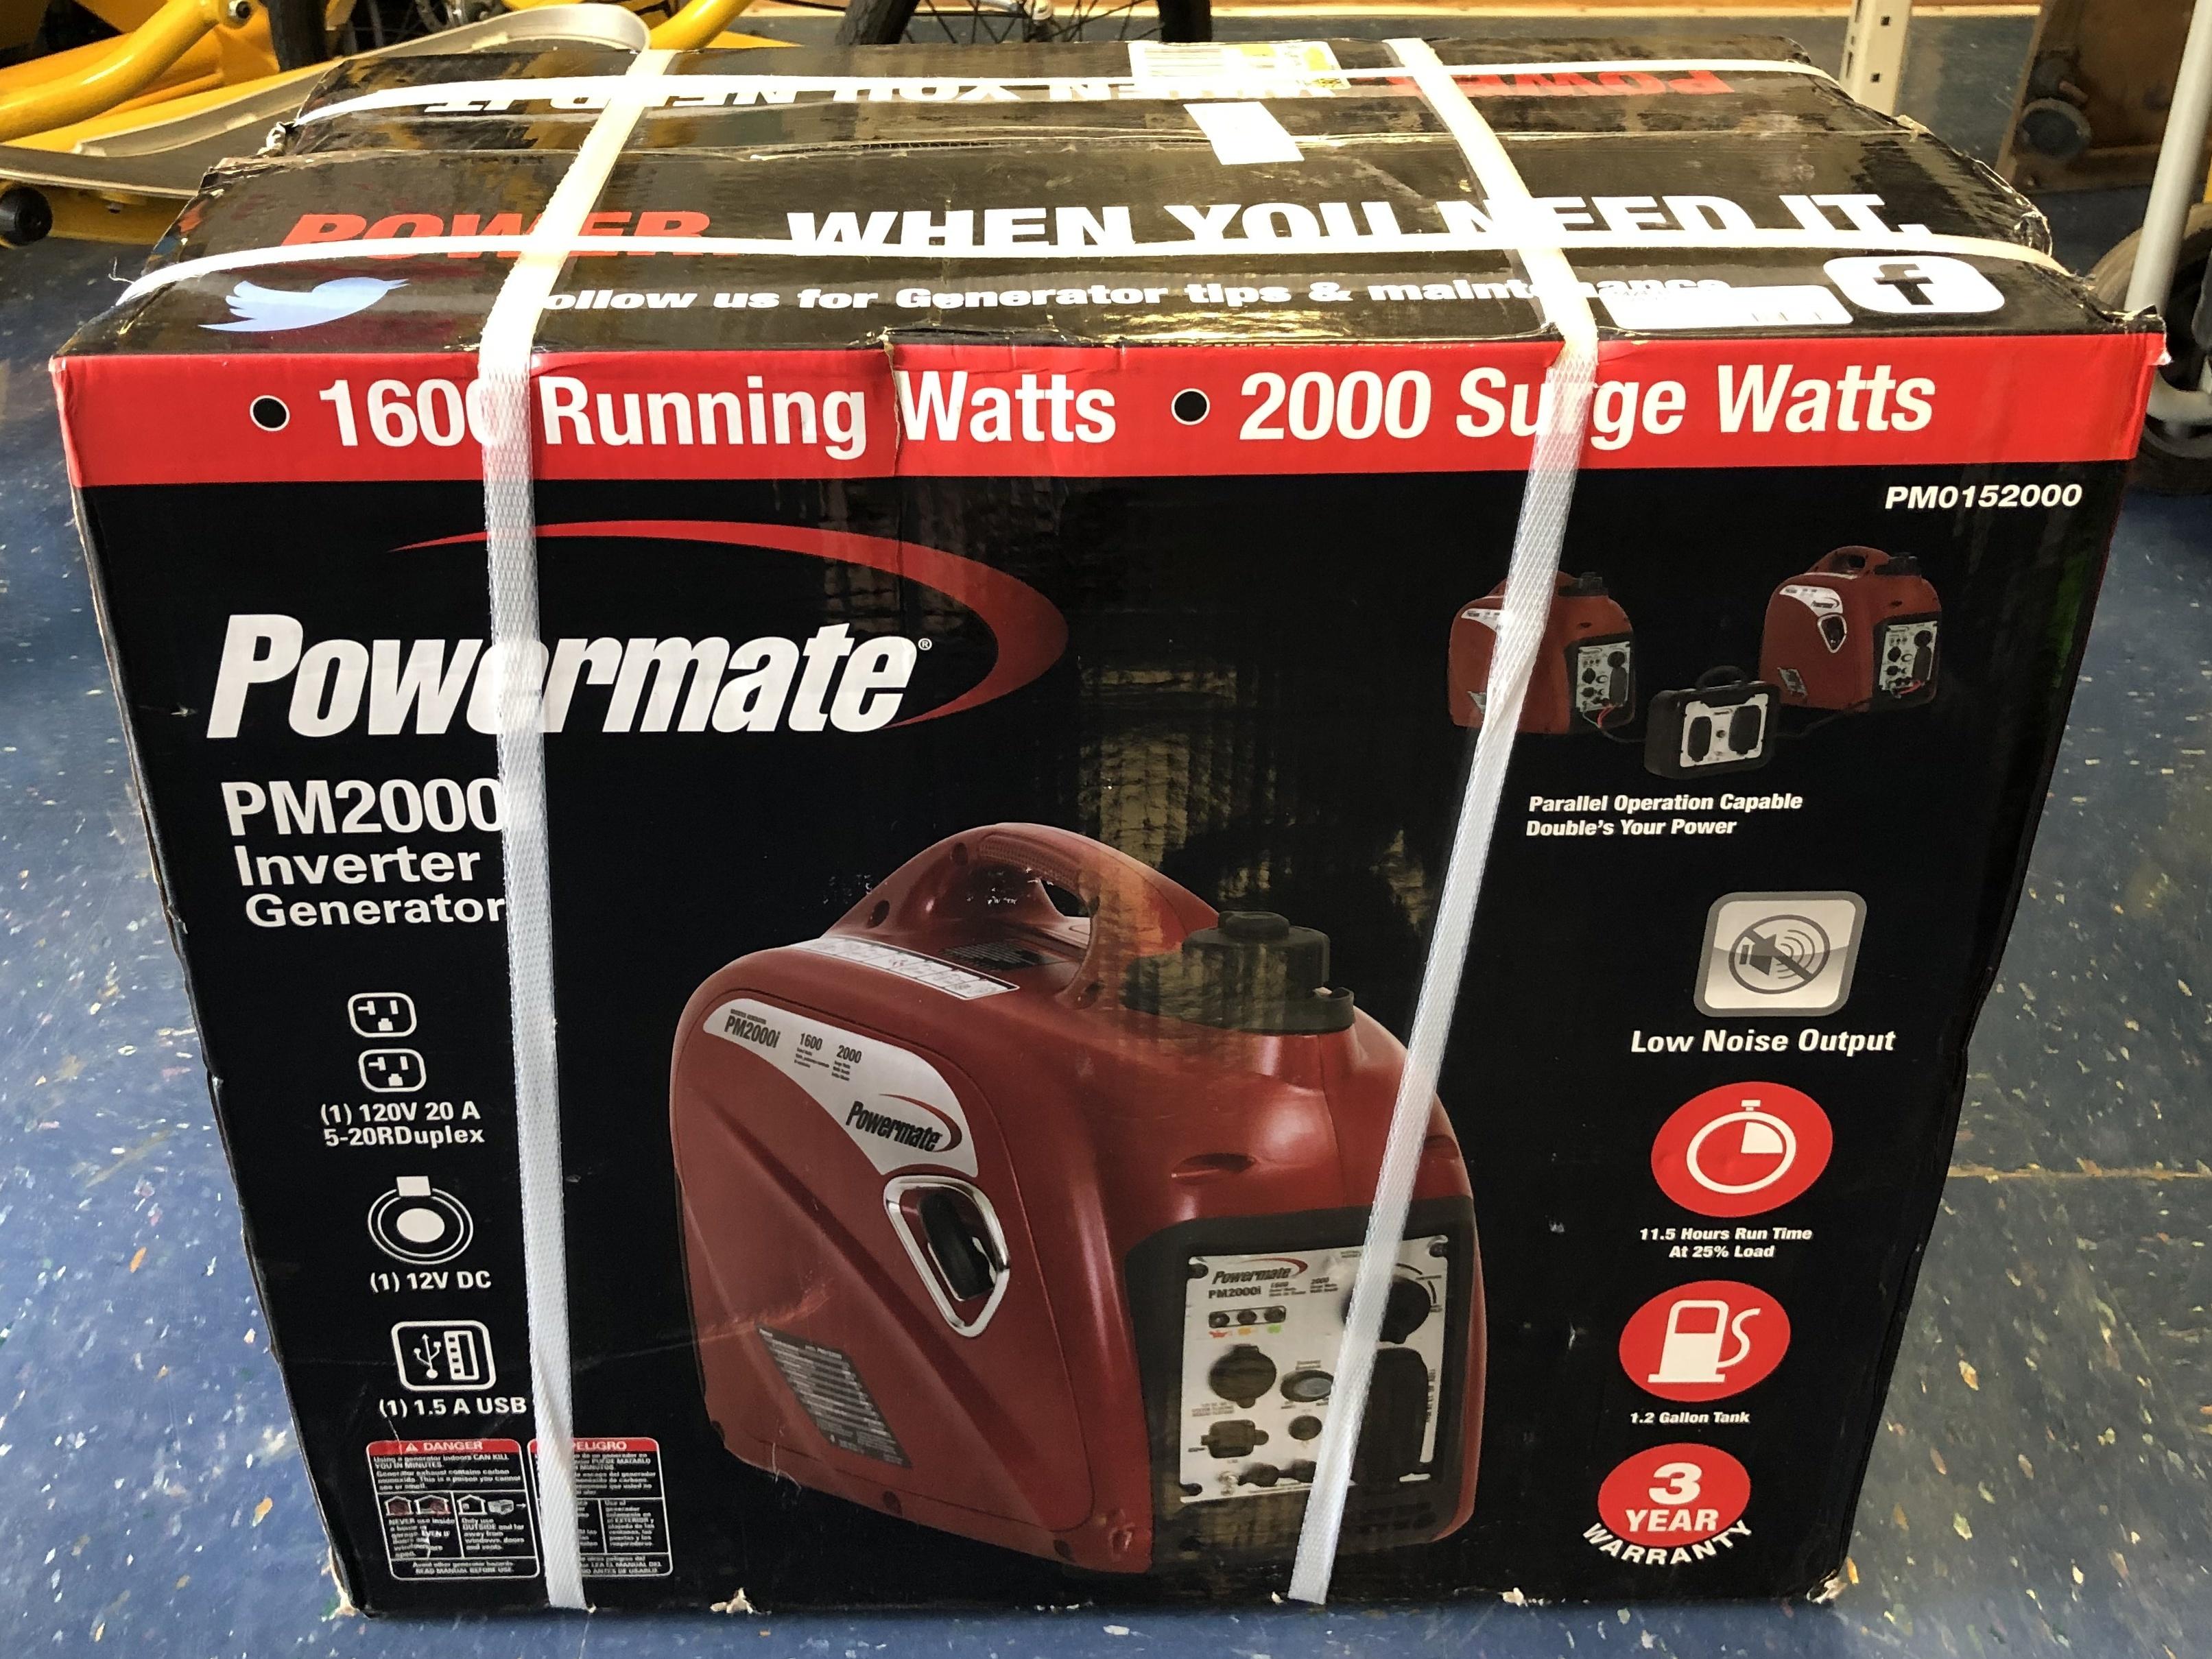 Powermate Inverter Generator - PM0152000